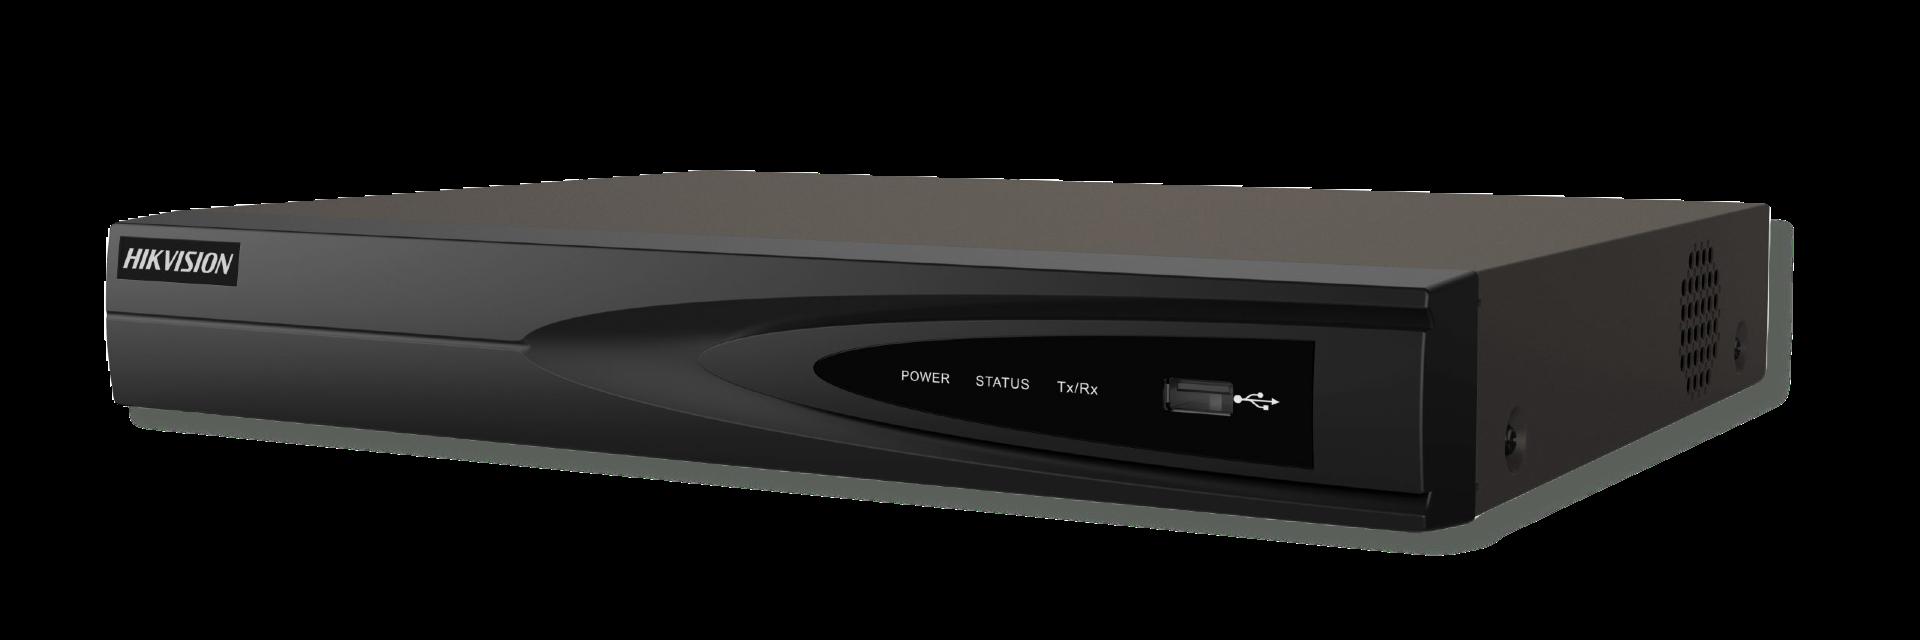 Deze Recorder/NVR beschikt over:<br /> - 4 Kanalen<br /> - 4 POE poorten<br /> - 1 Sata aansluiting voor 3.5 Inch HDD's tot 6TB<br /> - H.265 Ondersteuning<br /> - Downloadbare Hik-Connect app<br /> - HDMI aansluiting